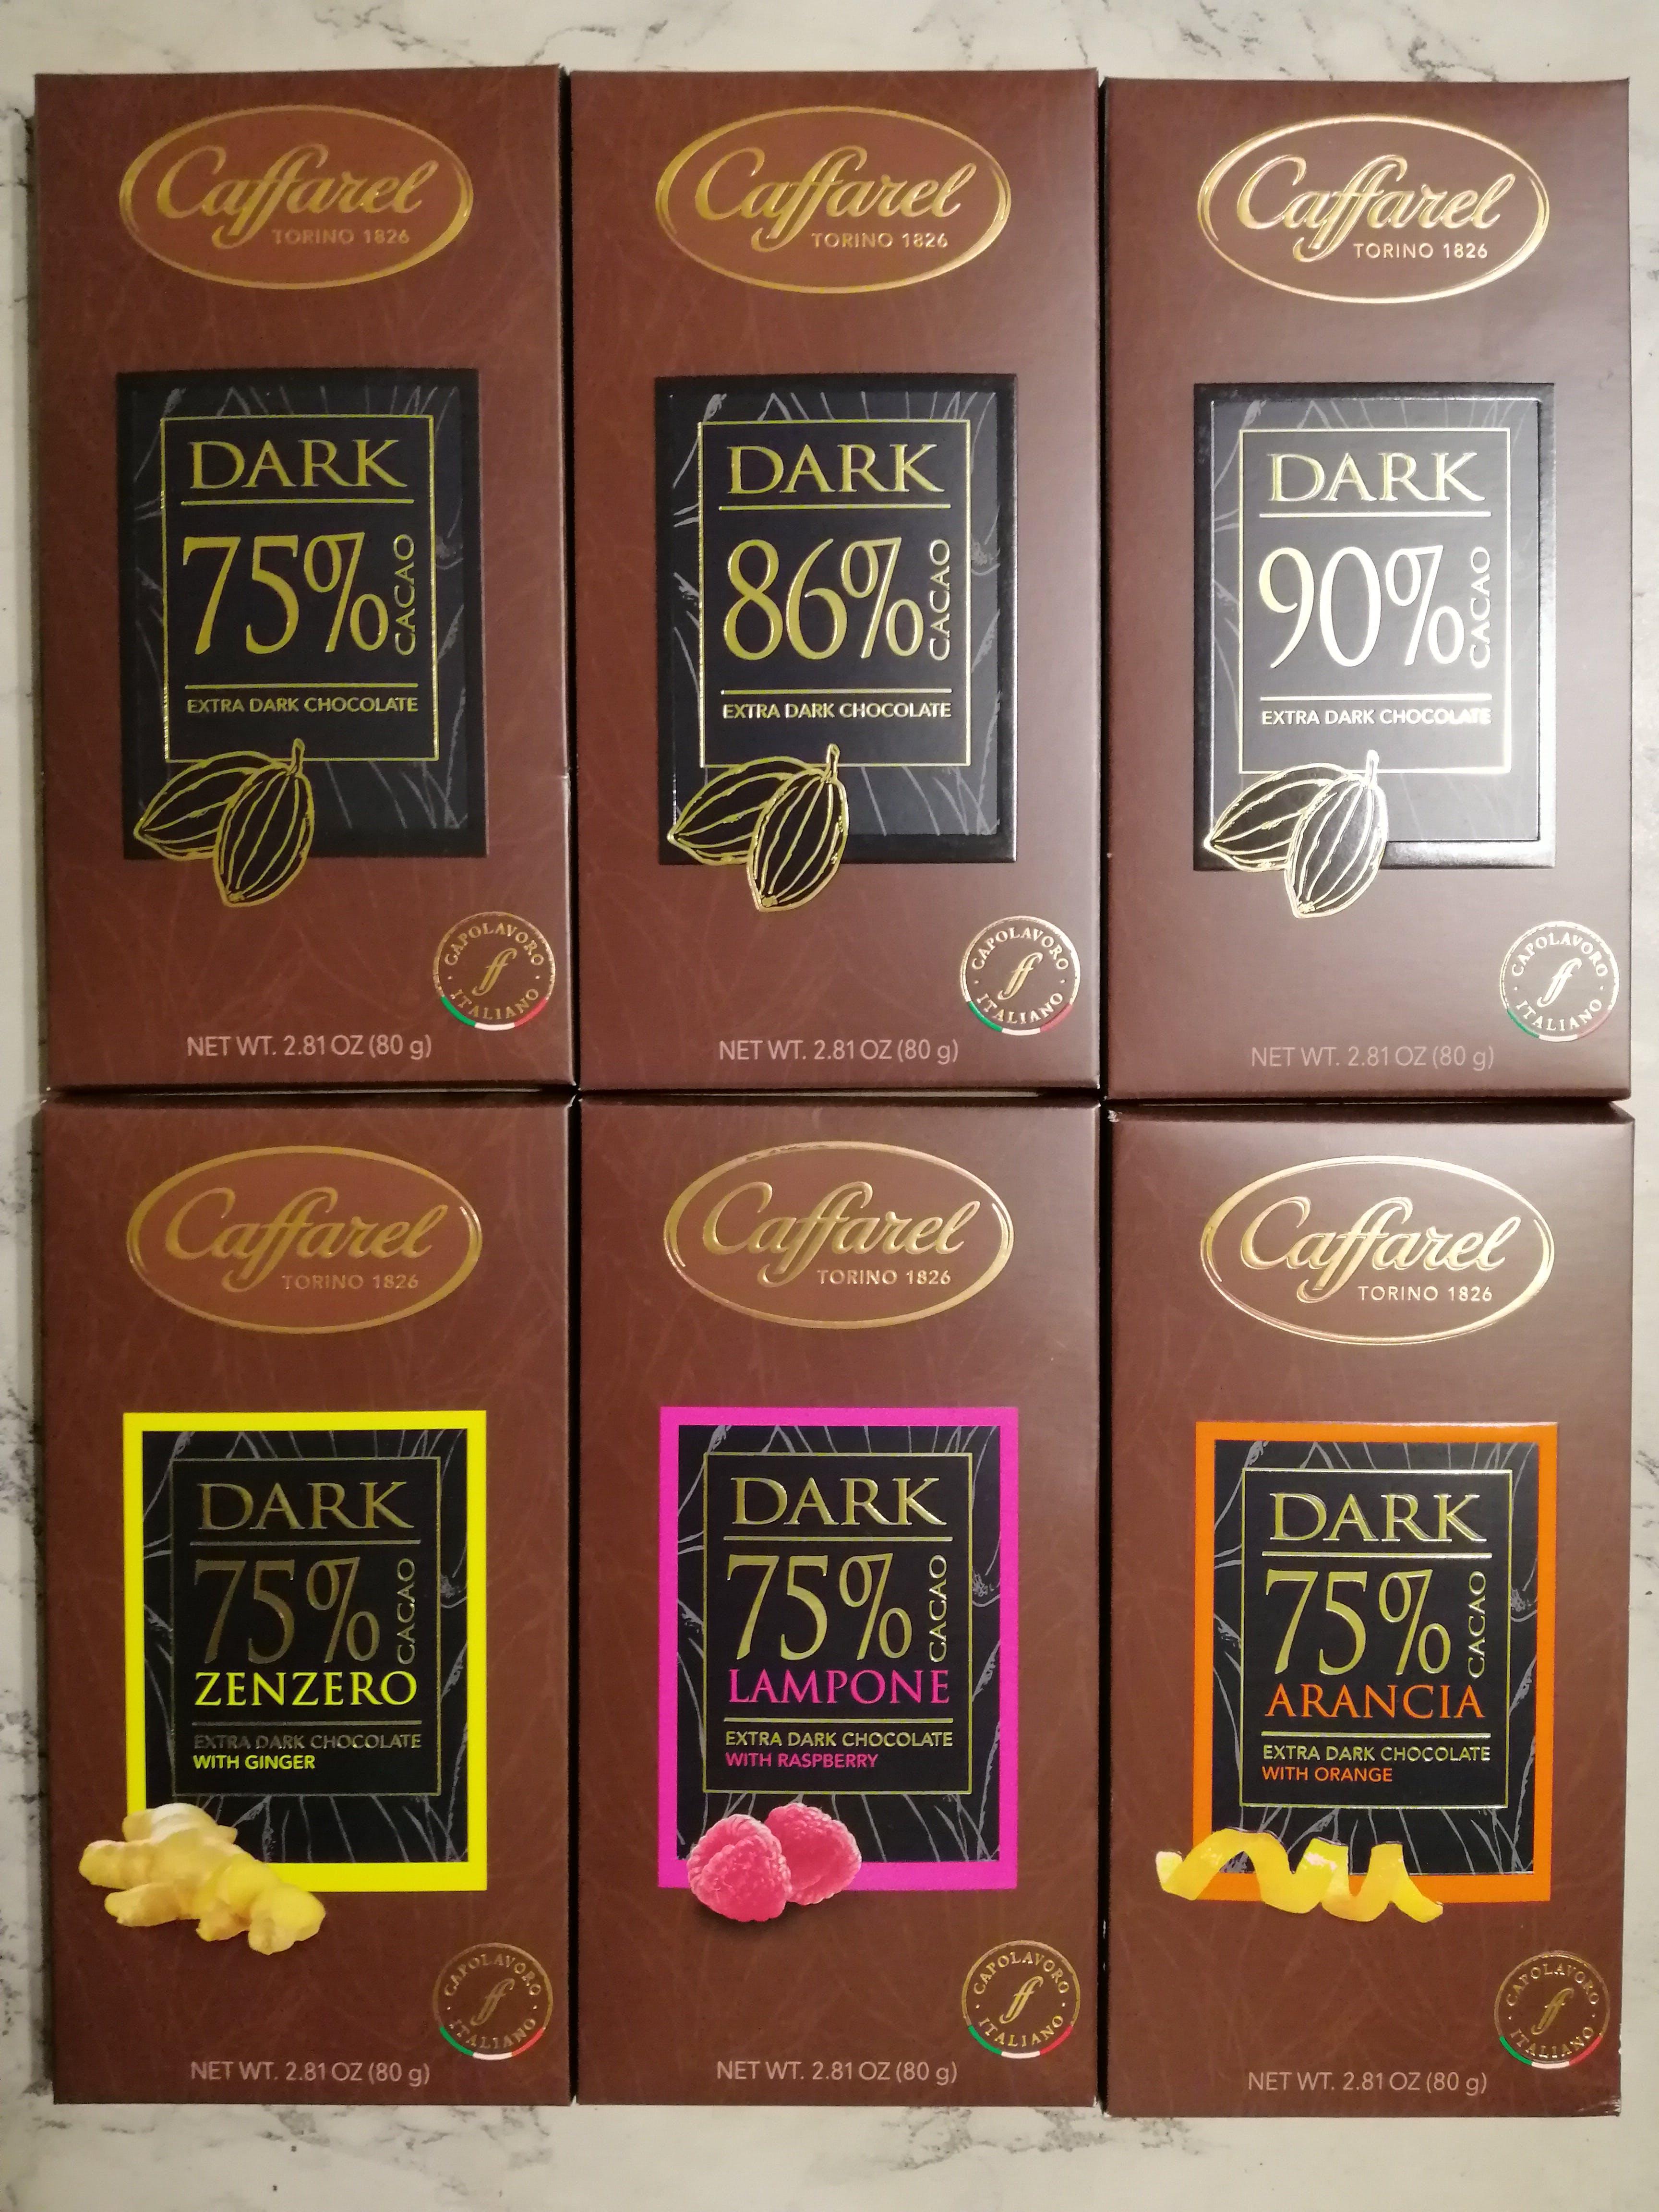 Caffarel, Tavoletta Dark 86%